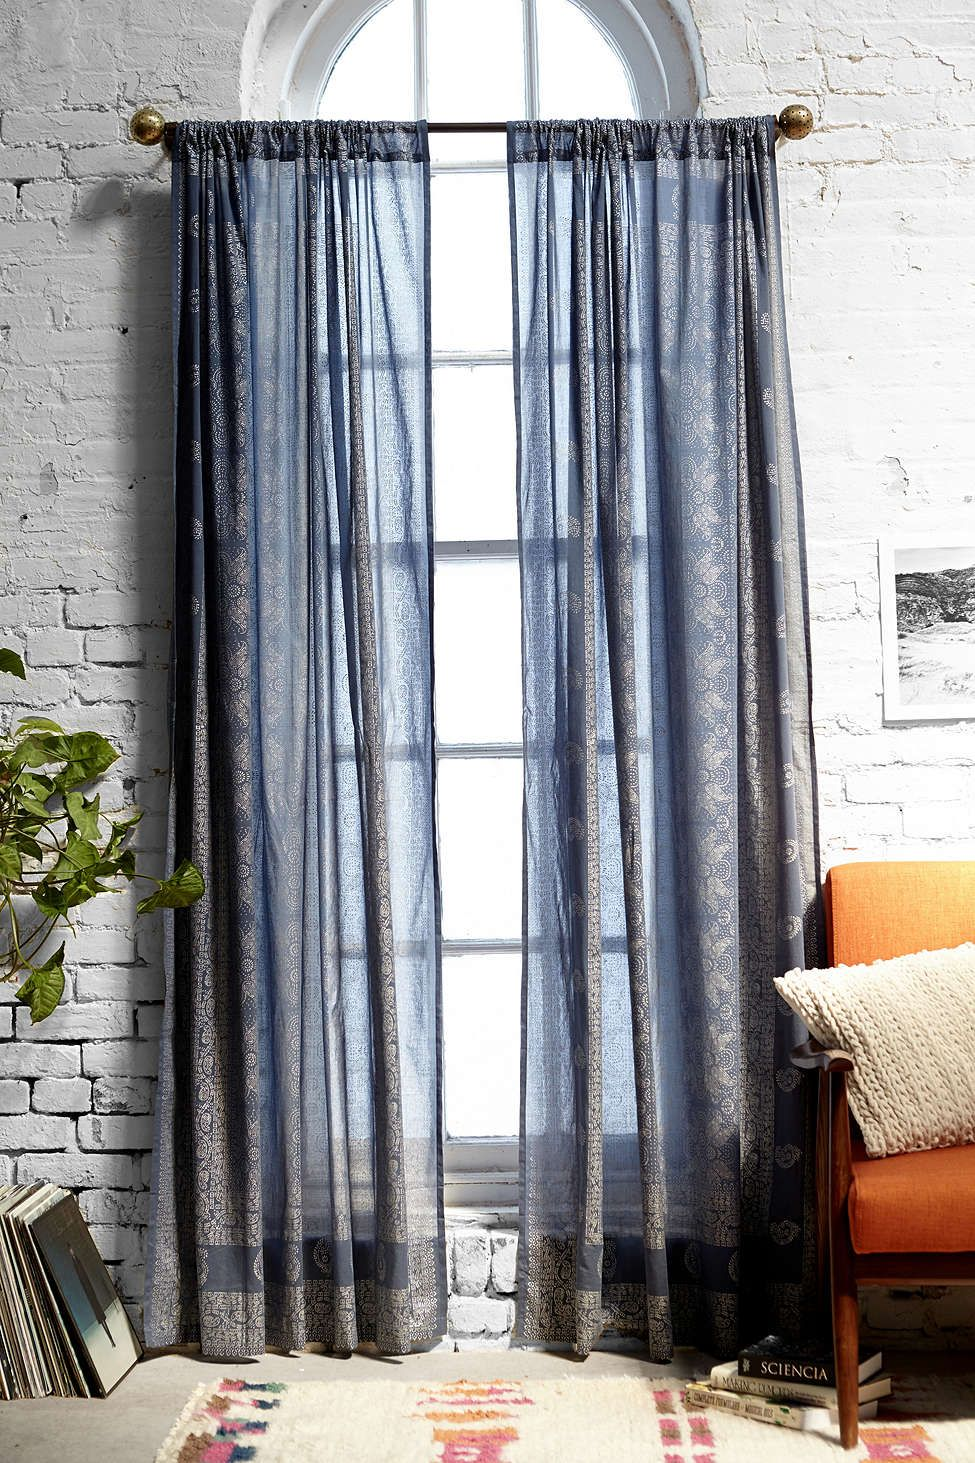 gardinen wohnzimmer doppelfenster : Foil Block Print Curtain Lange Gardinen Hohen Decken Und Gardinen